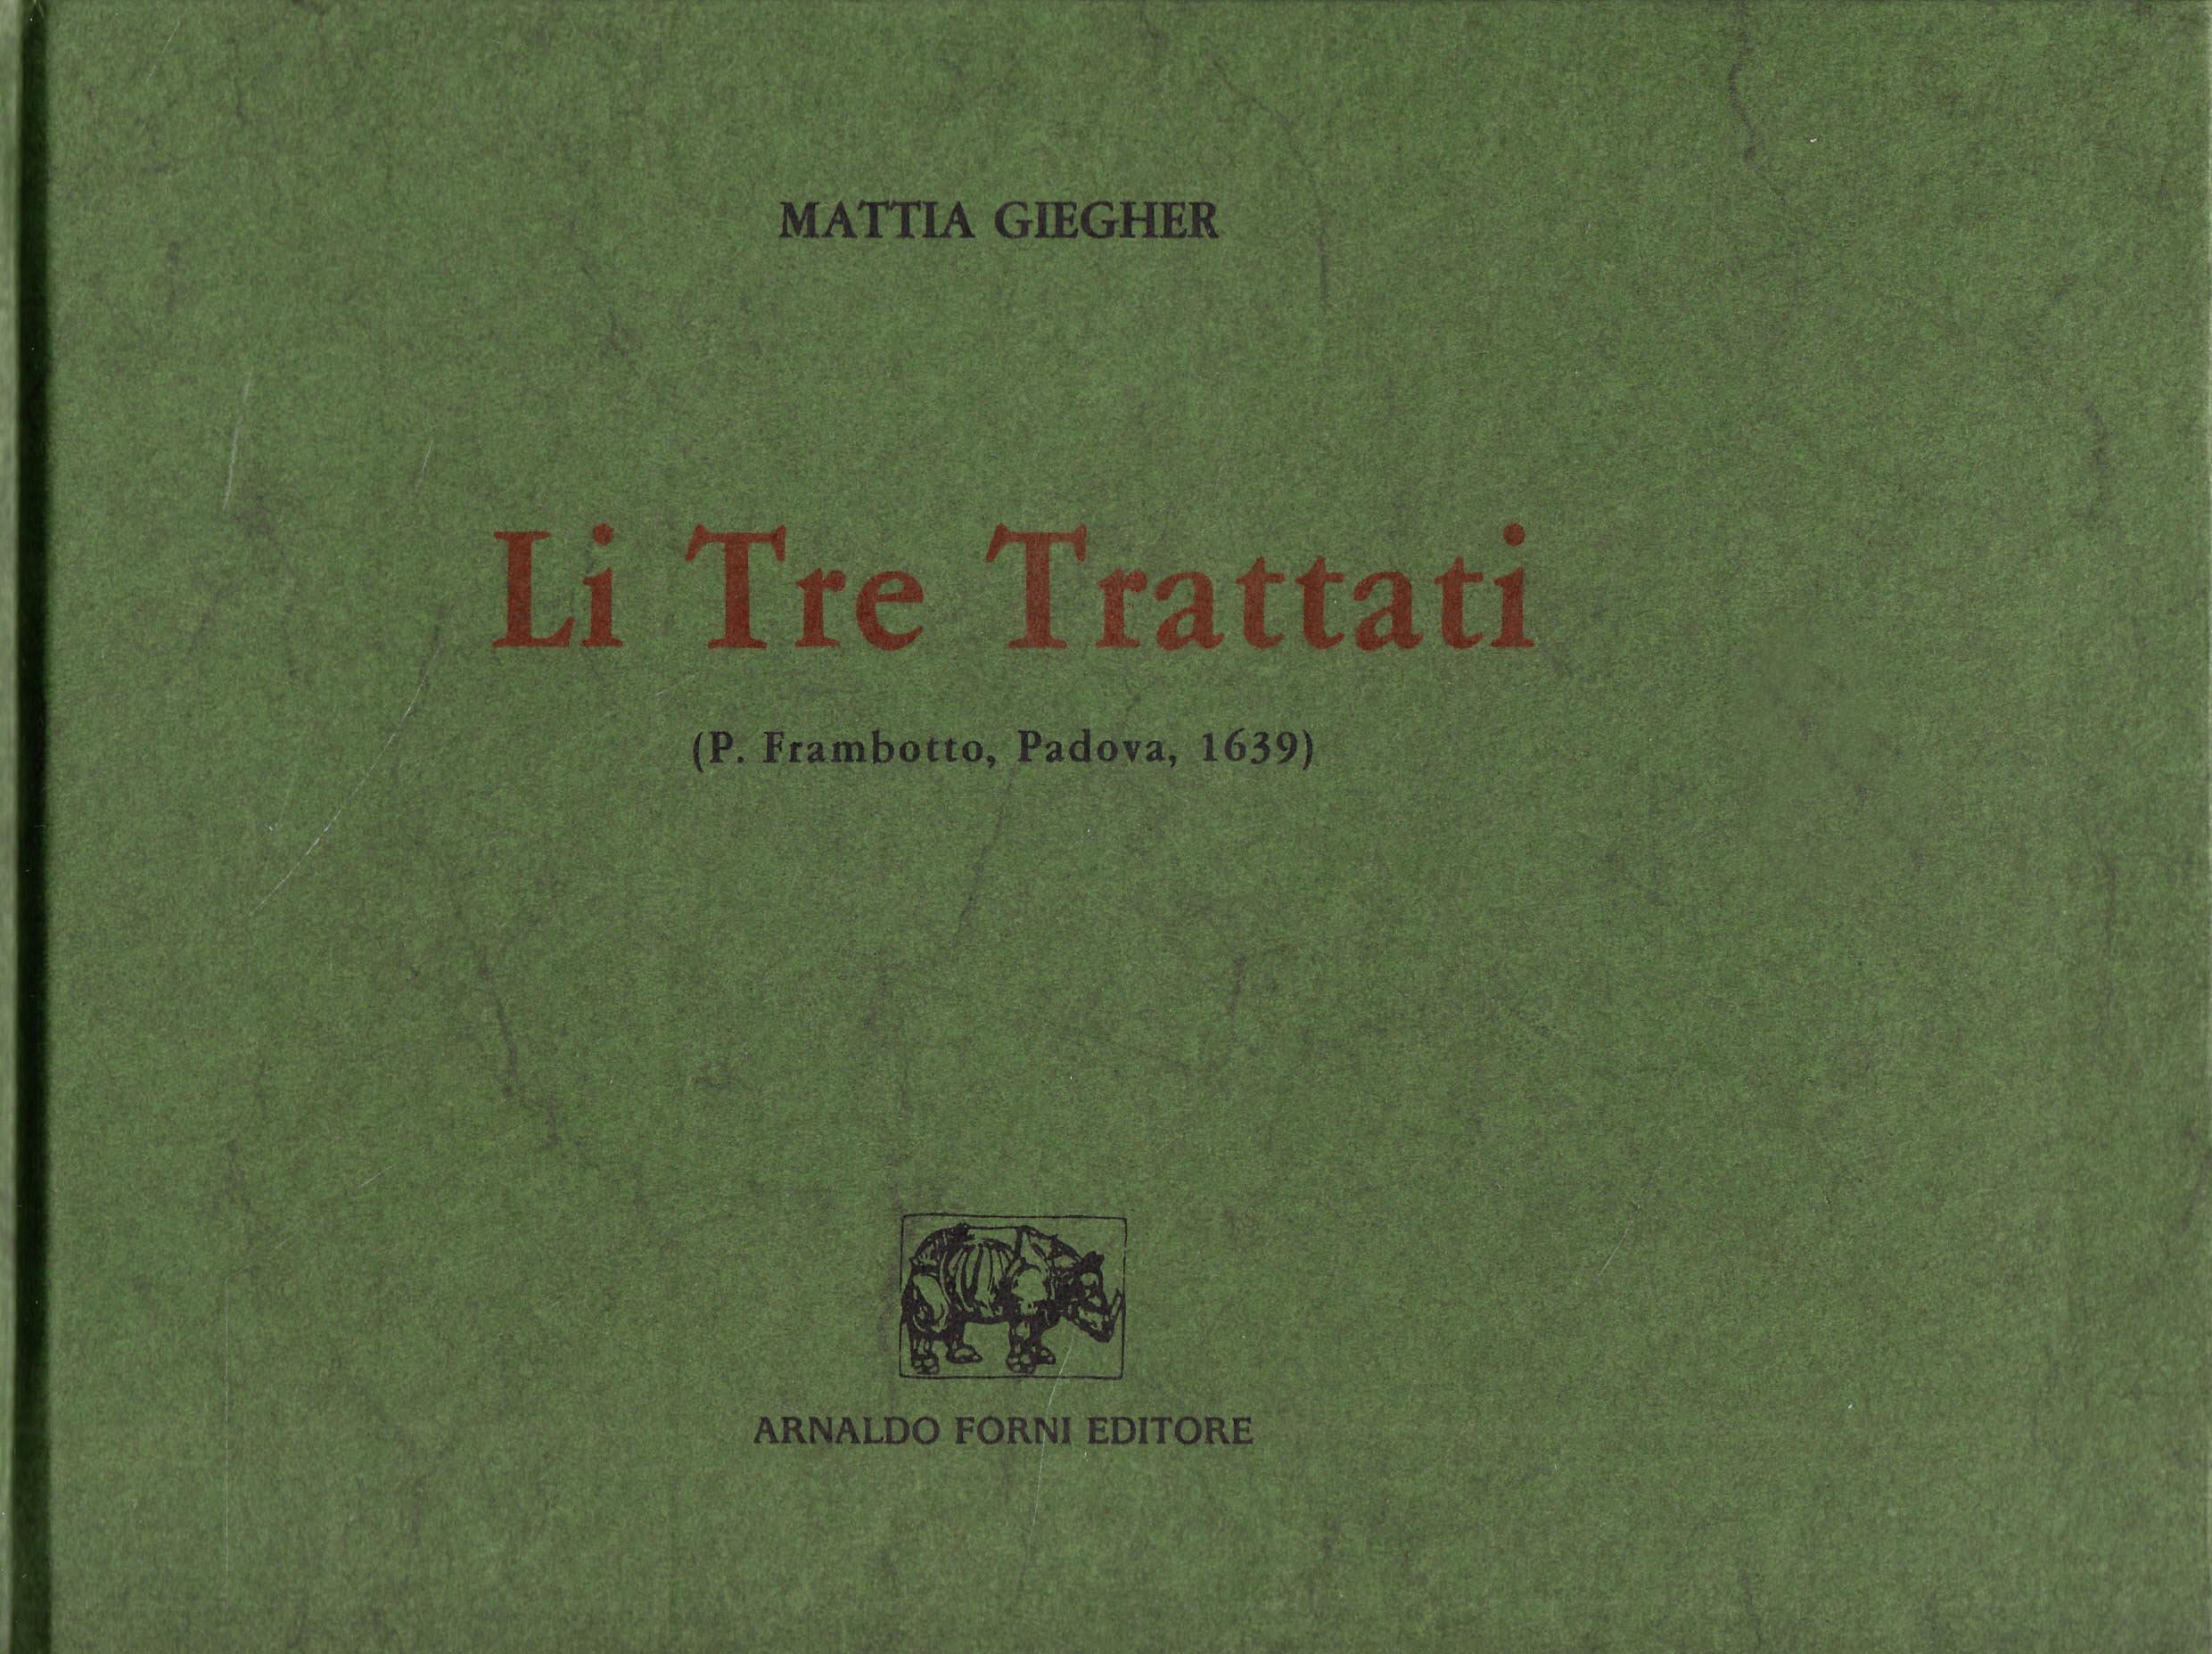 Tre trattati di Mattia Giegher, trinciante in Padova (rist. anast. 1639) (Li) (Testi antichi di gastronomia ed enologia)